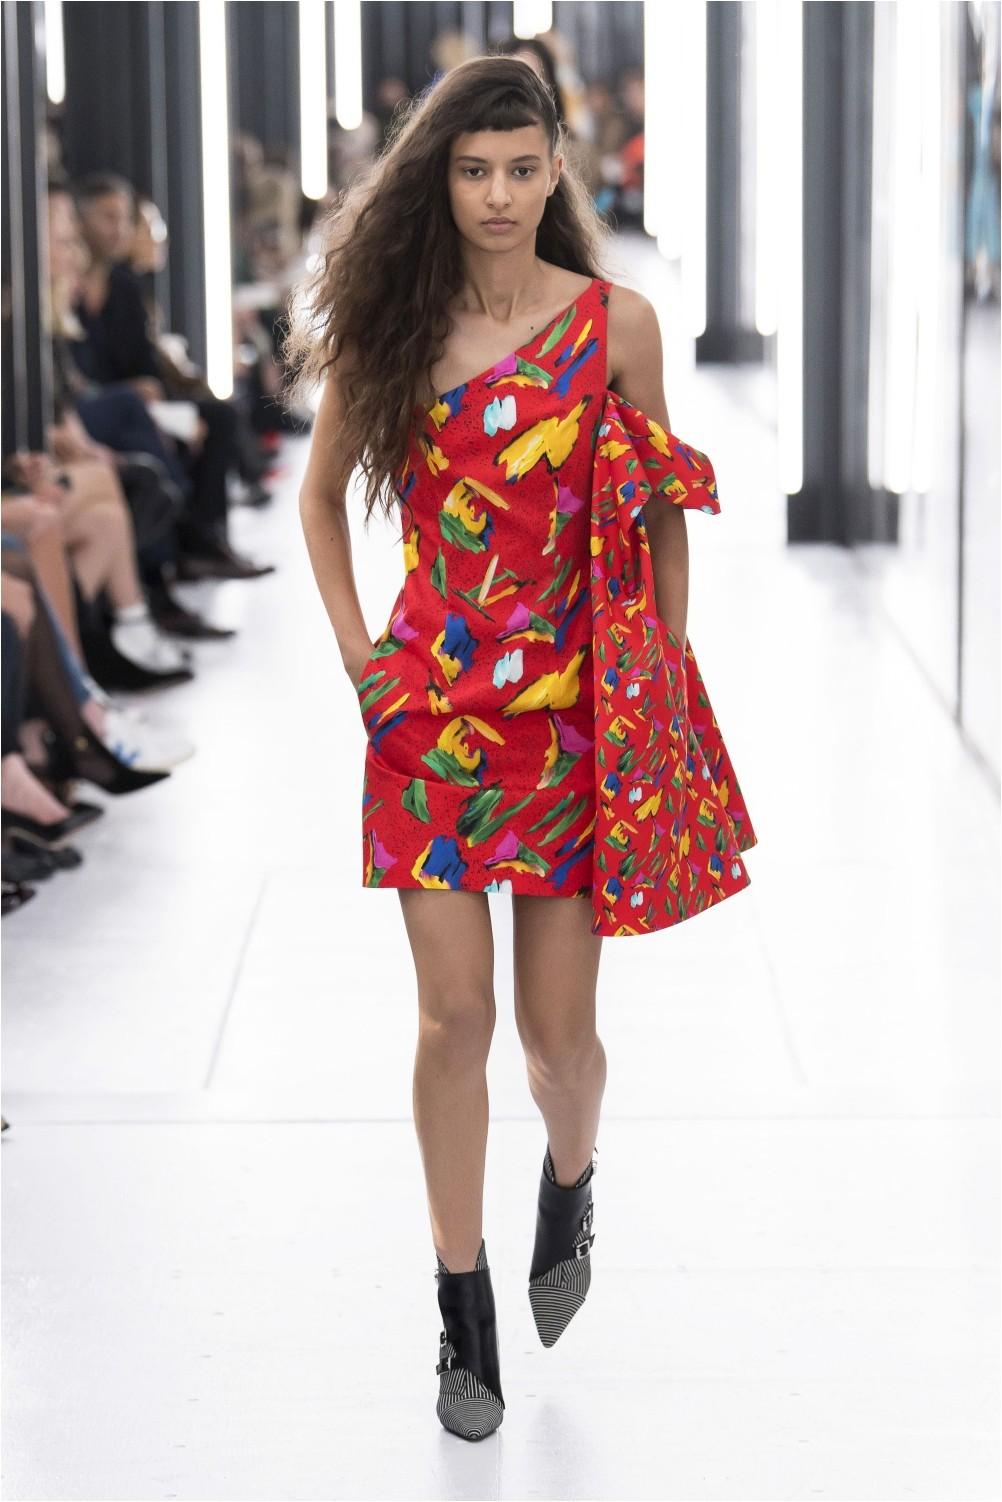 Abstract Louis Vuitton